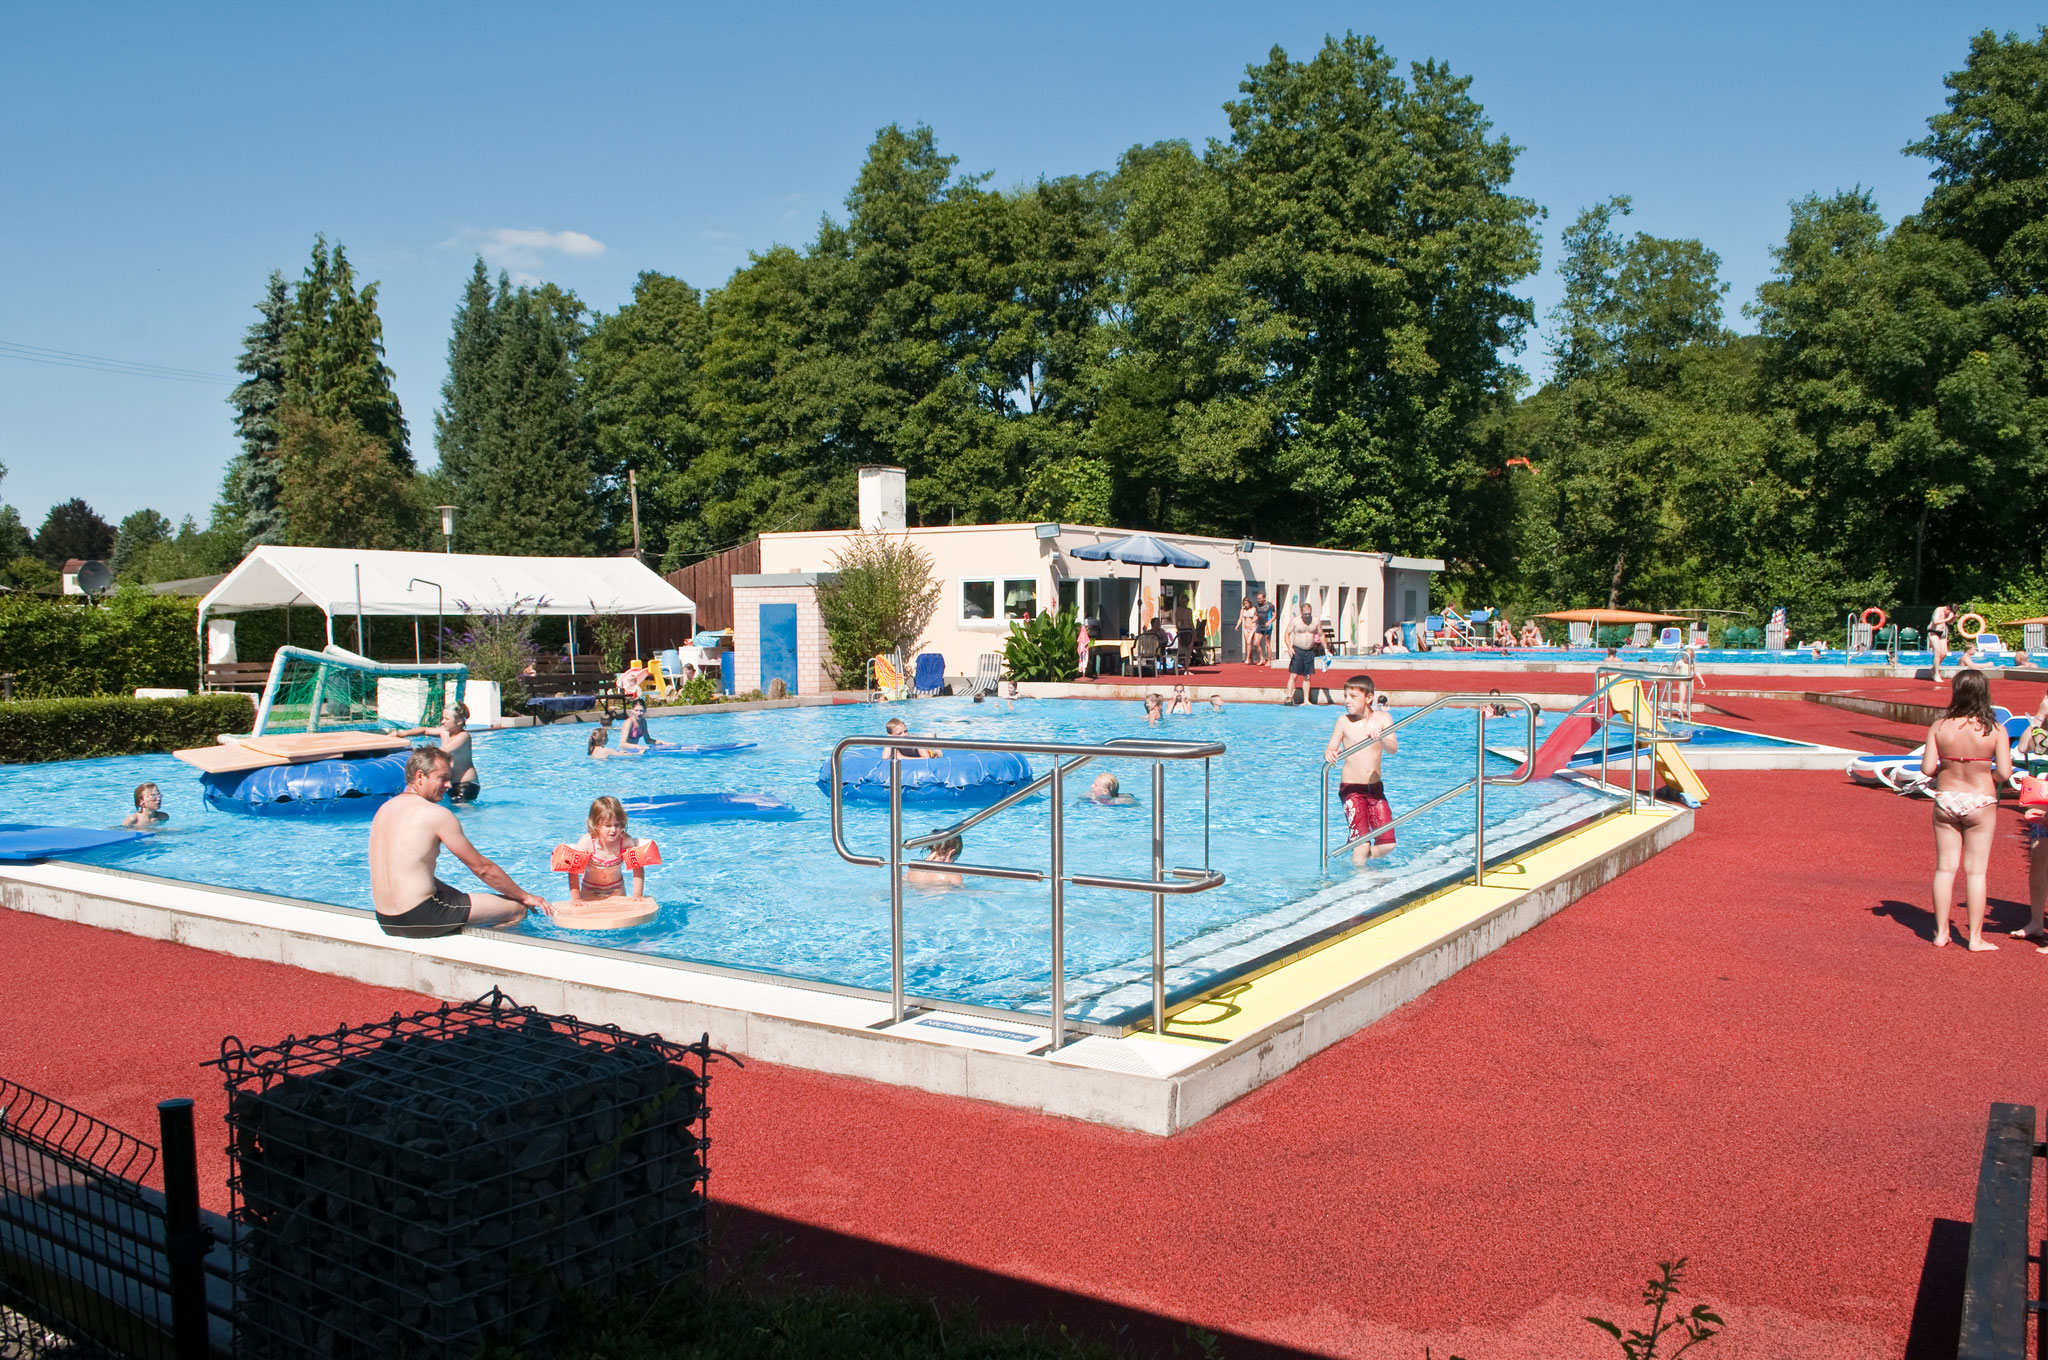 Zwembad welkom bij camping koerperich - Zwembad omgeving ...